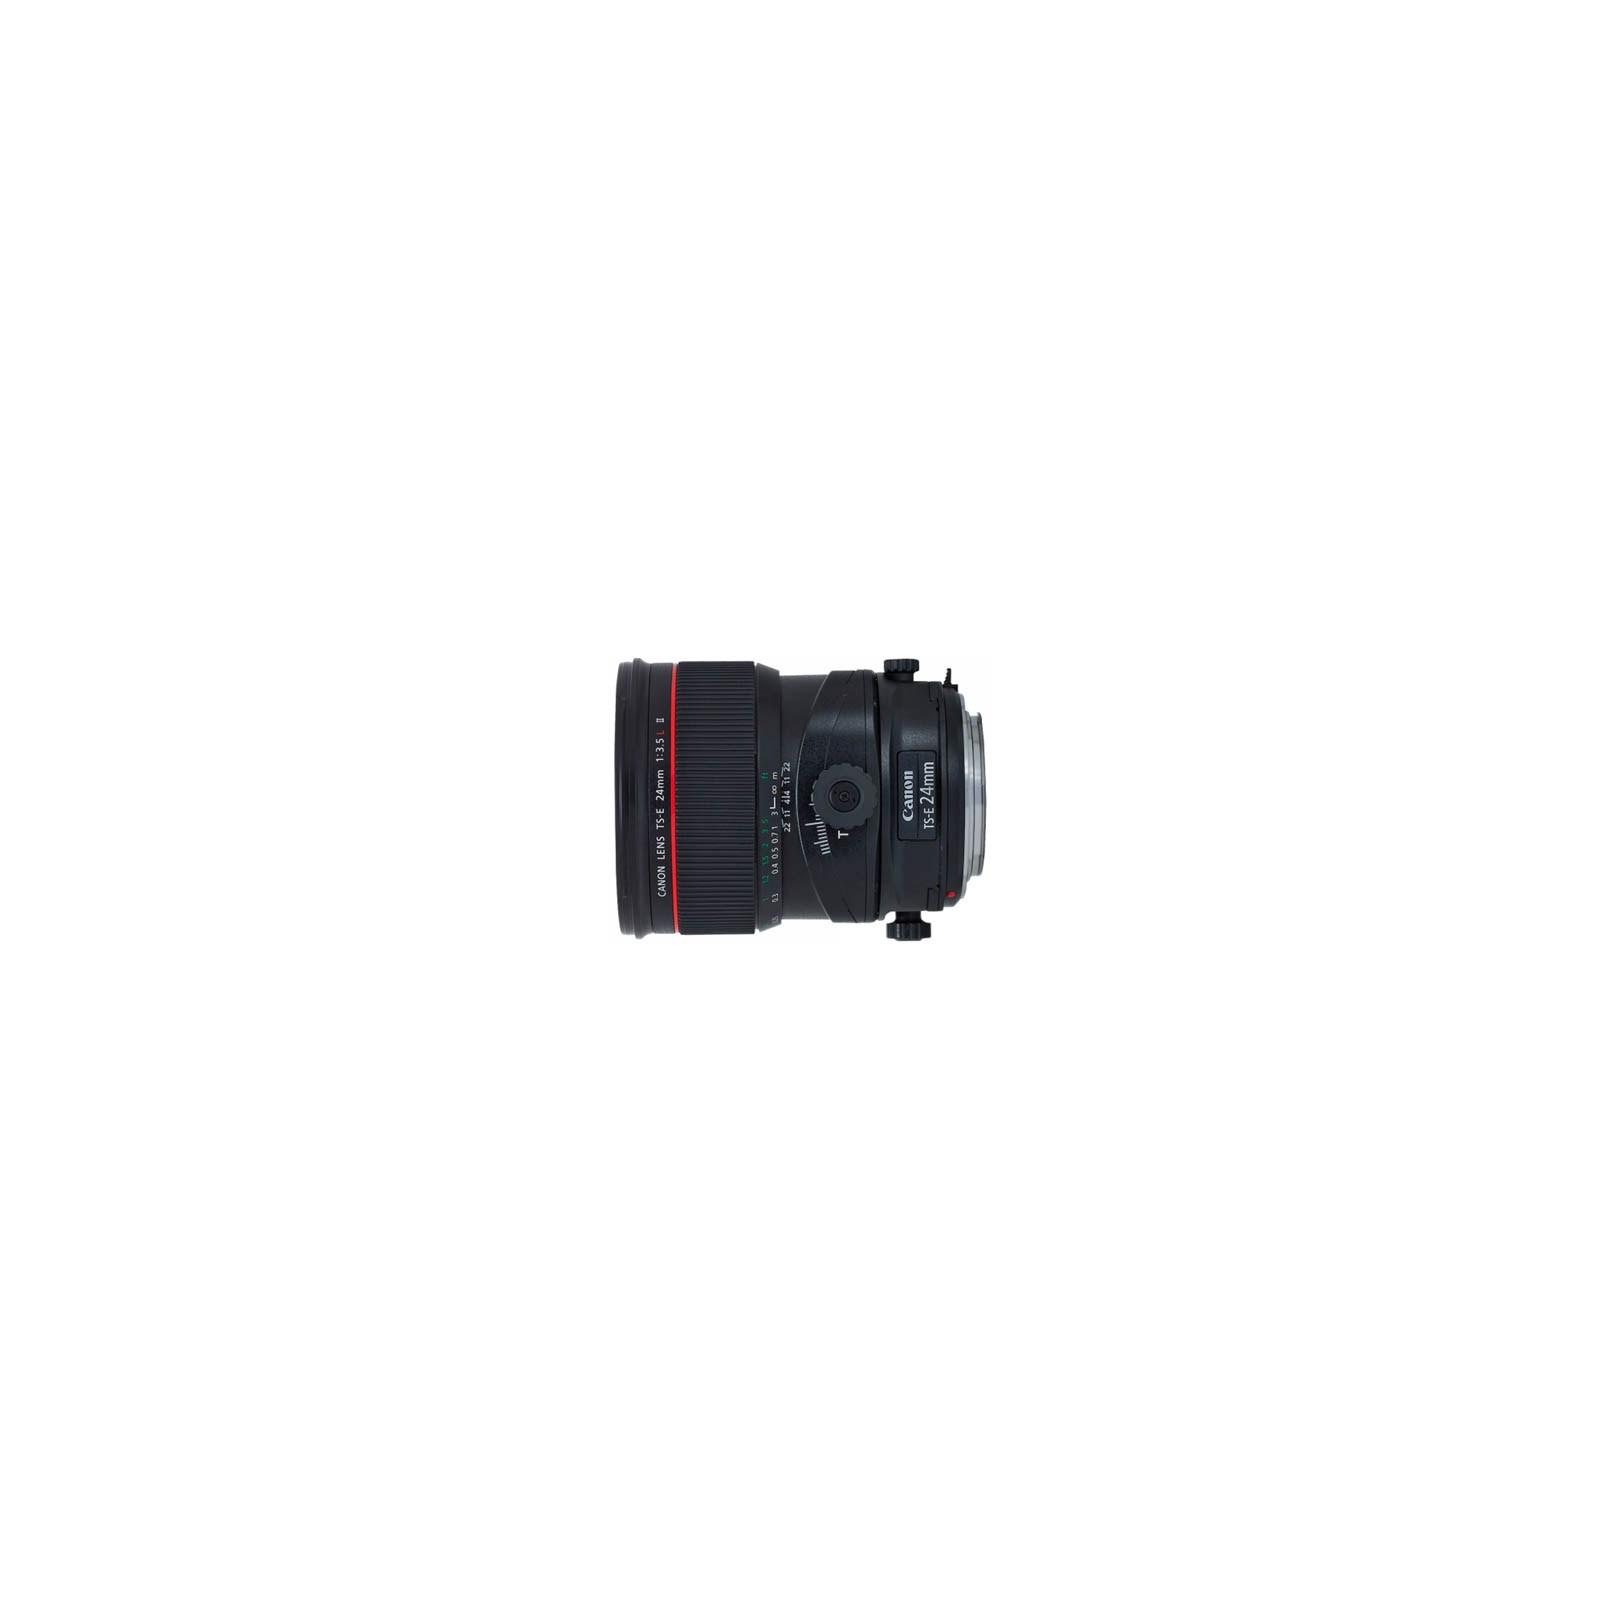 Объектив Canon TS-E 24mm f/3.5L II (3552B005)